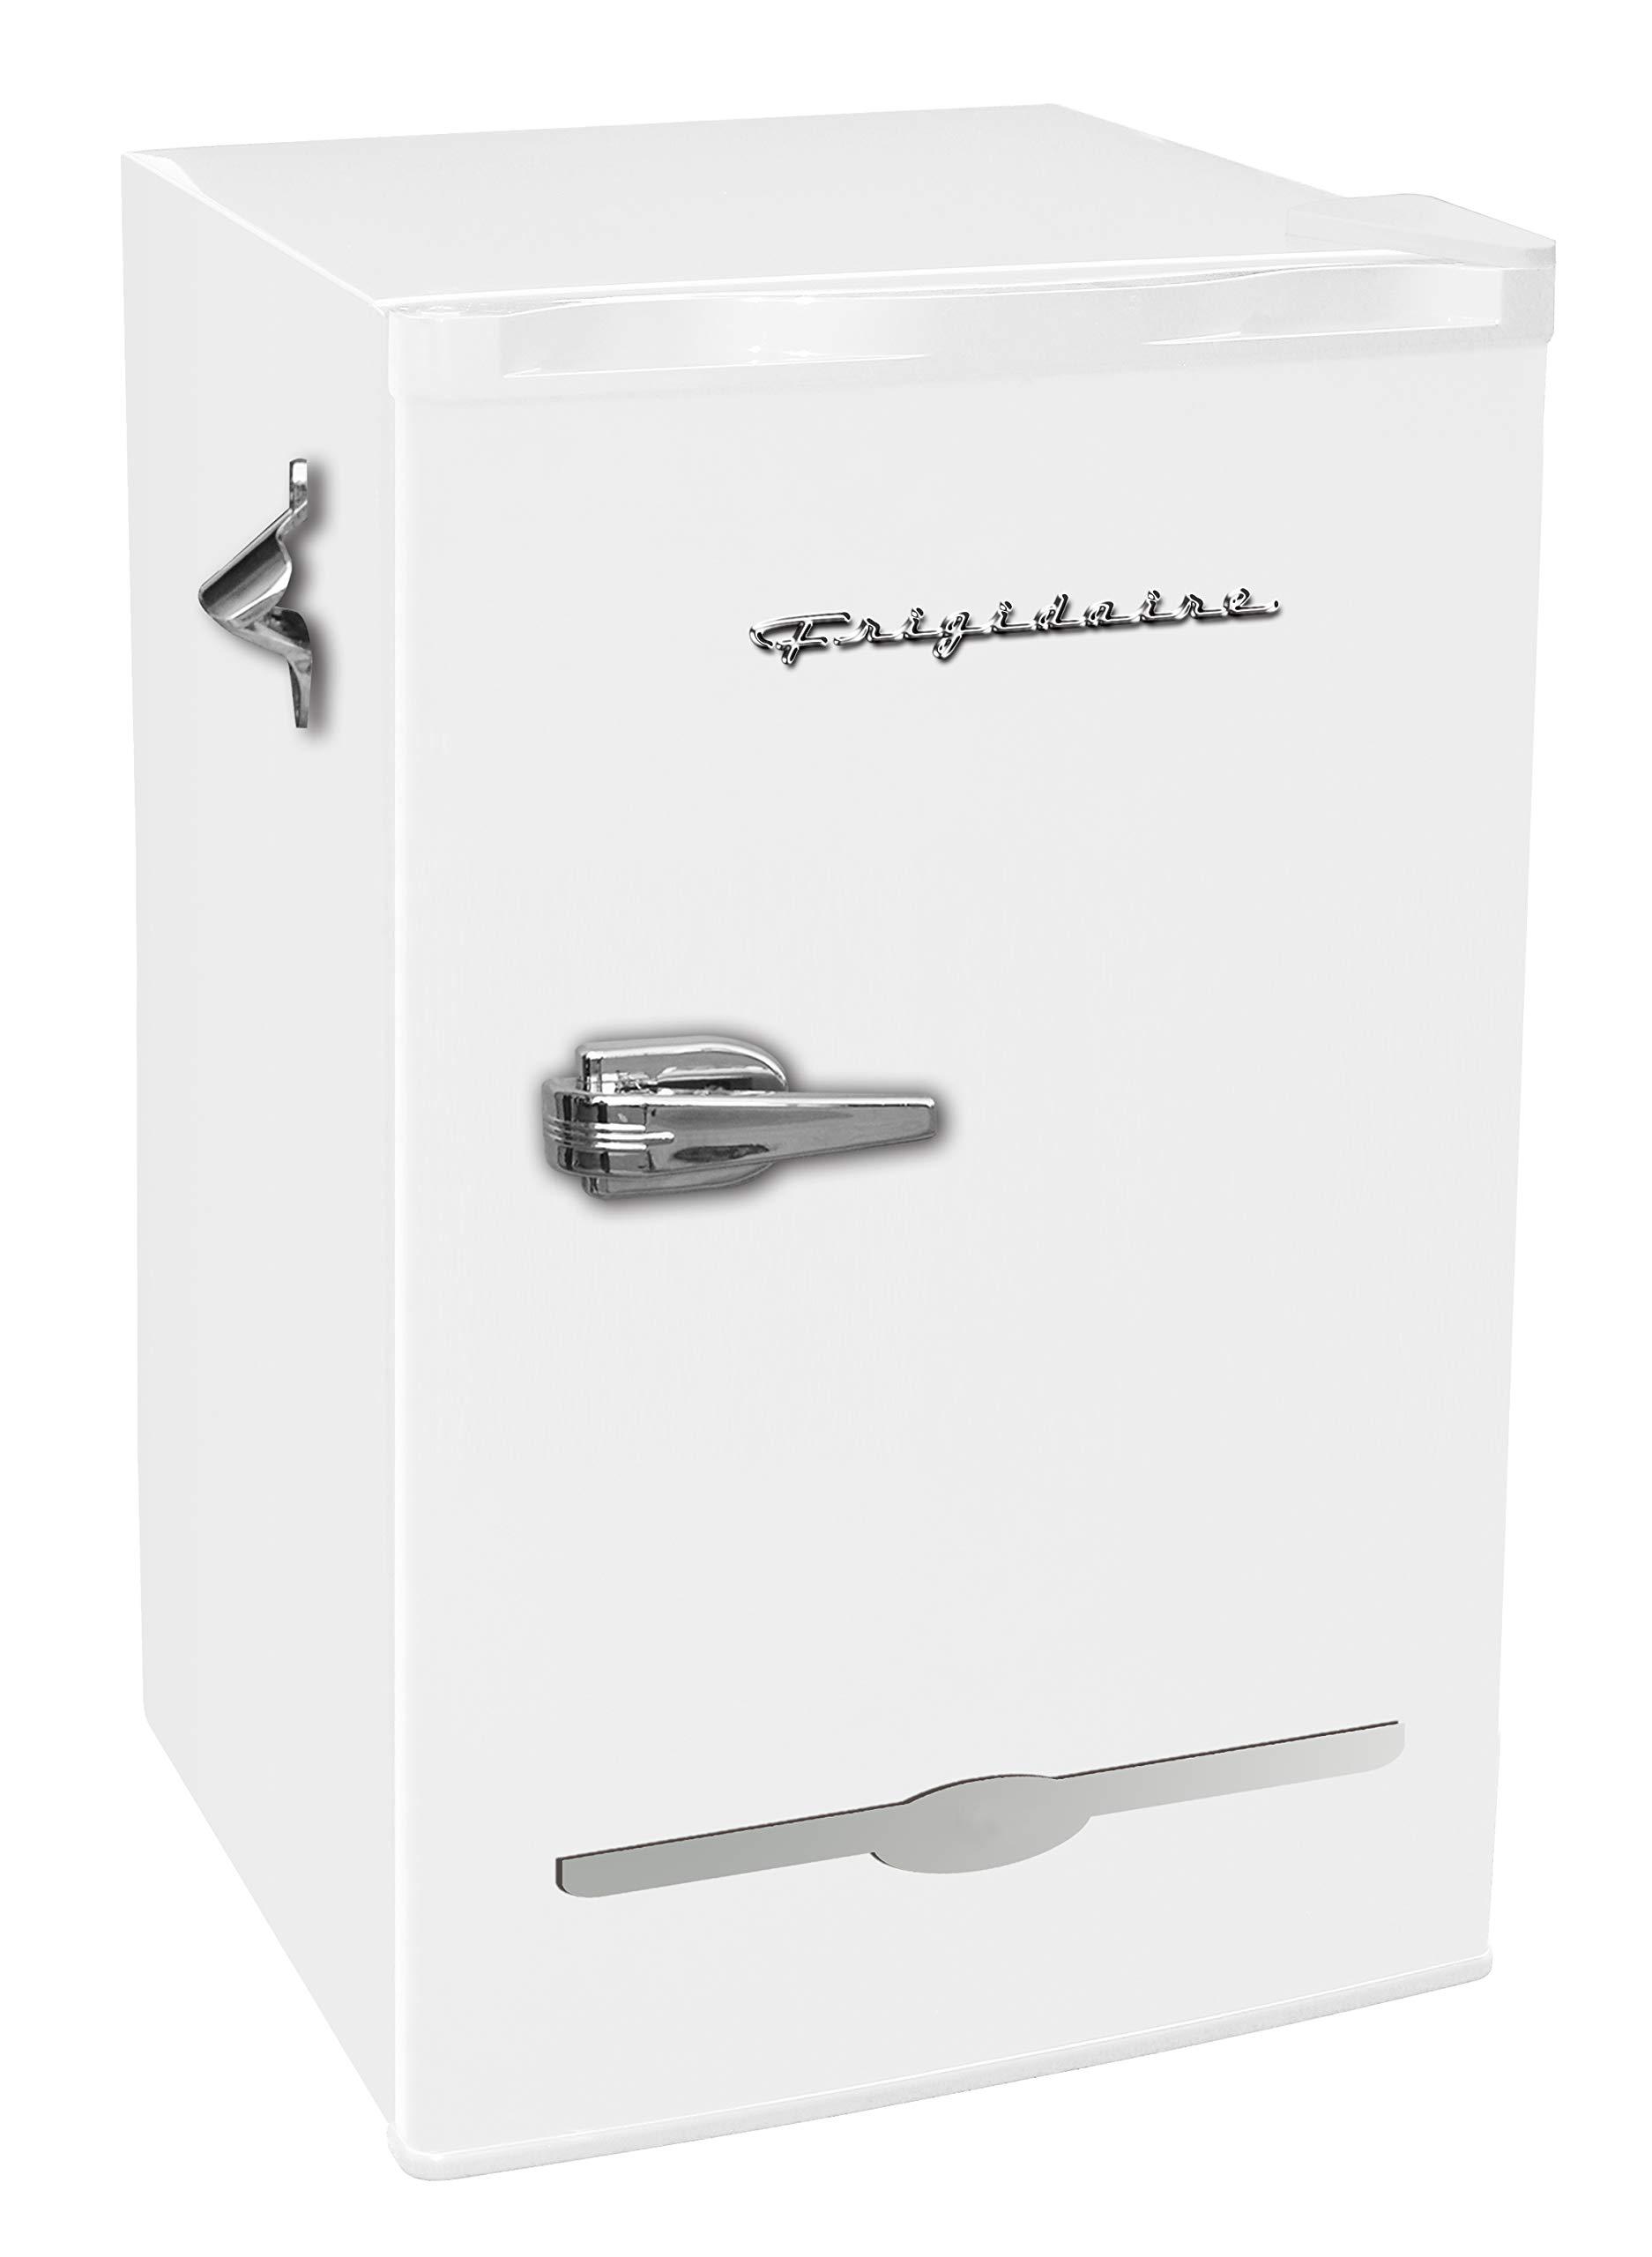 Frigidaire EFR376-WHITE 3.2 Cu Ft White Retro Bar Fridge with Side Bottle Opener